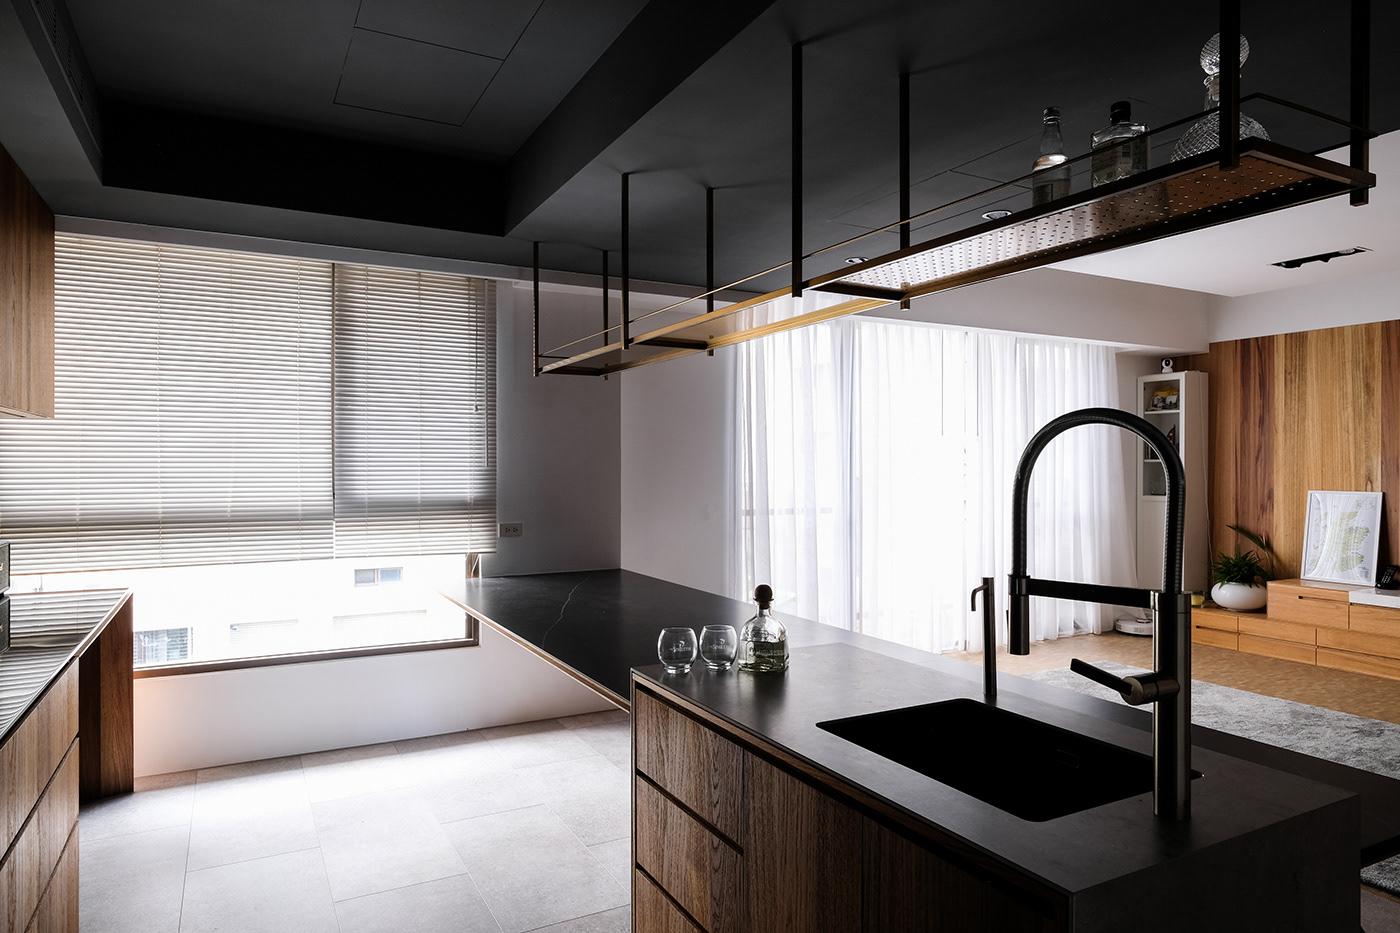 architecture design Interior interiordesign Photography